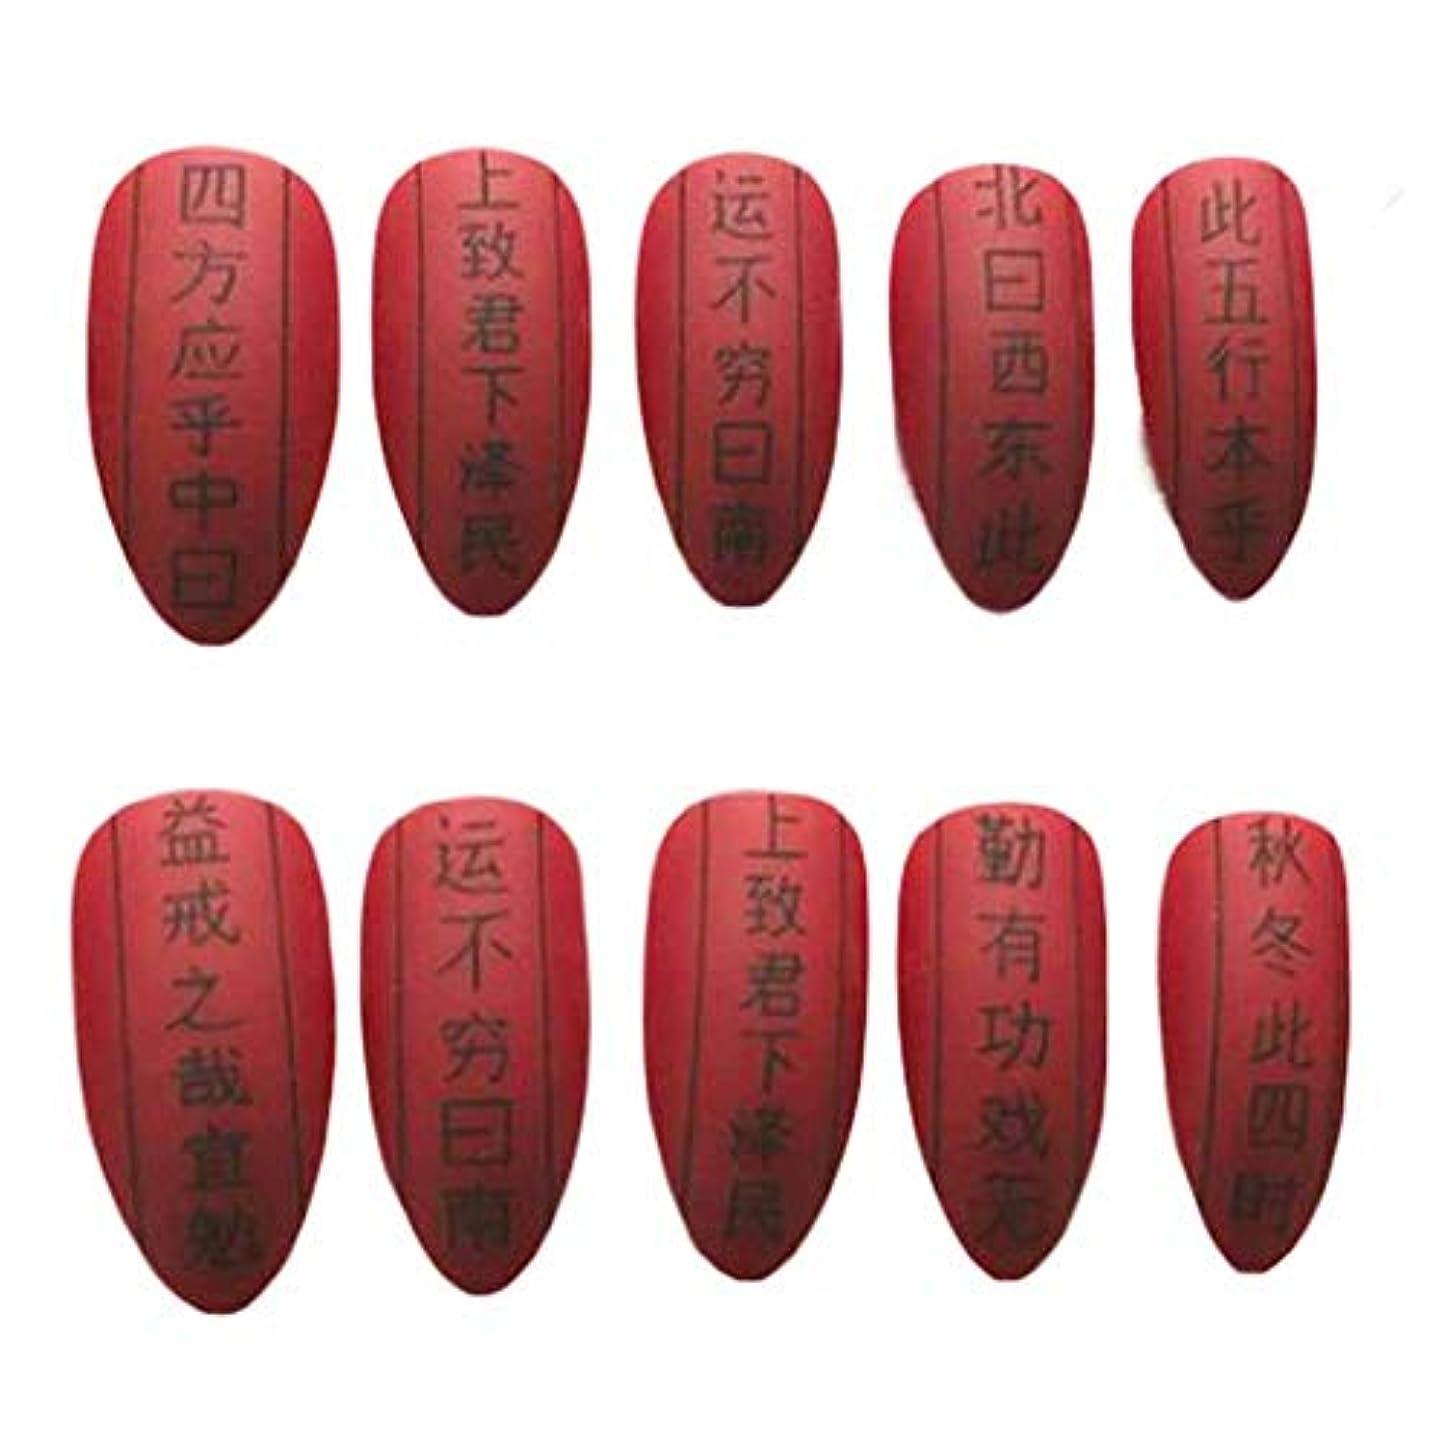 ぎこちない中間制限する三字経 - 赤い偽の指爪人工爪の装飾の爪のヒント